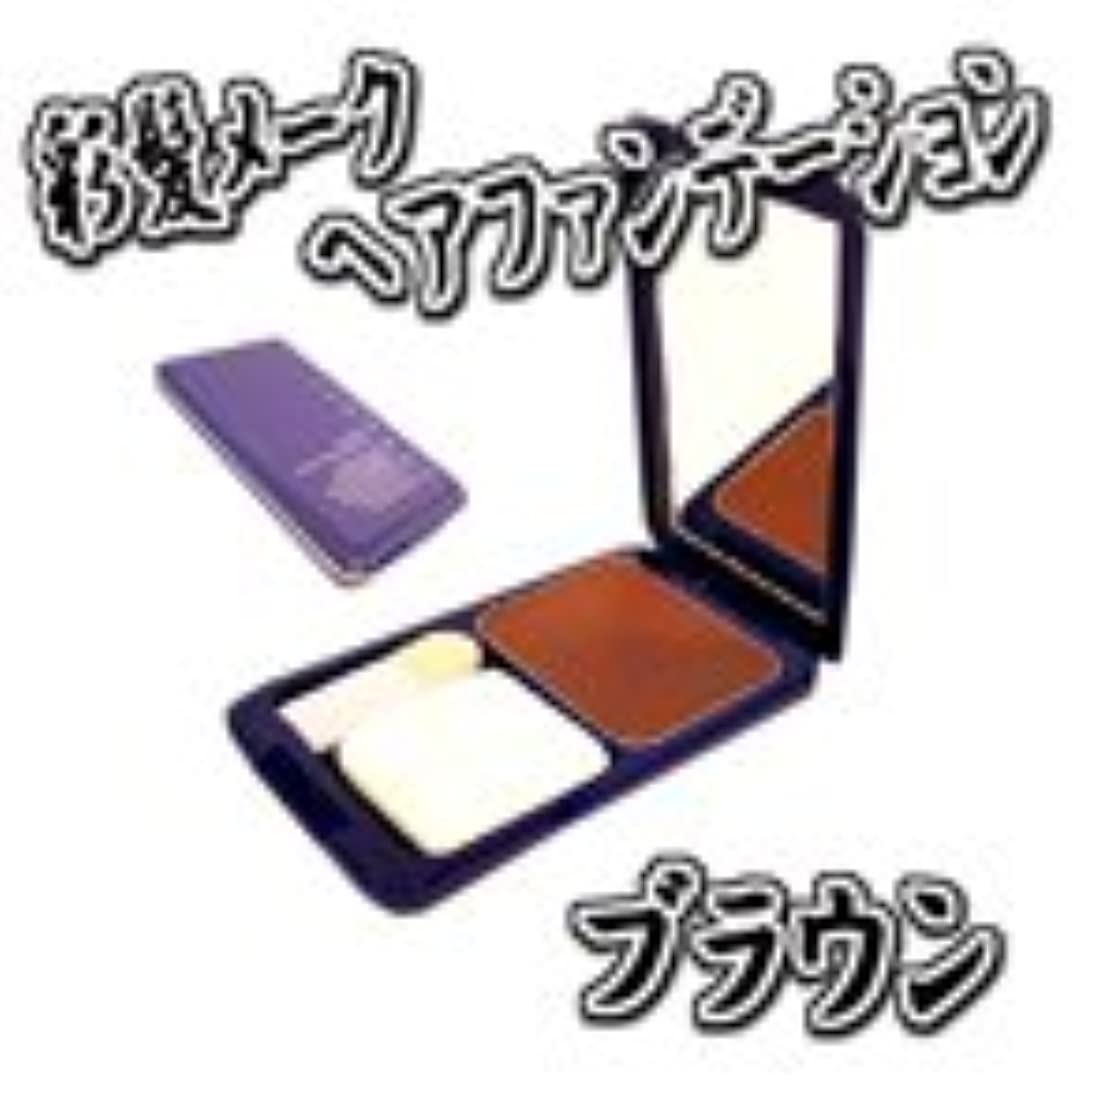 つかまえるバンドルシャージュモン 彩髪メーク ファンデーション 【ブラウン】 白髪隠し コンパクトタイプ